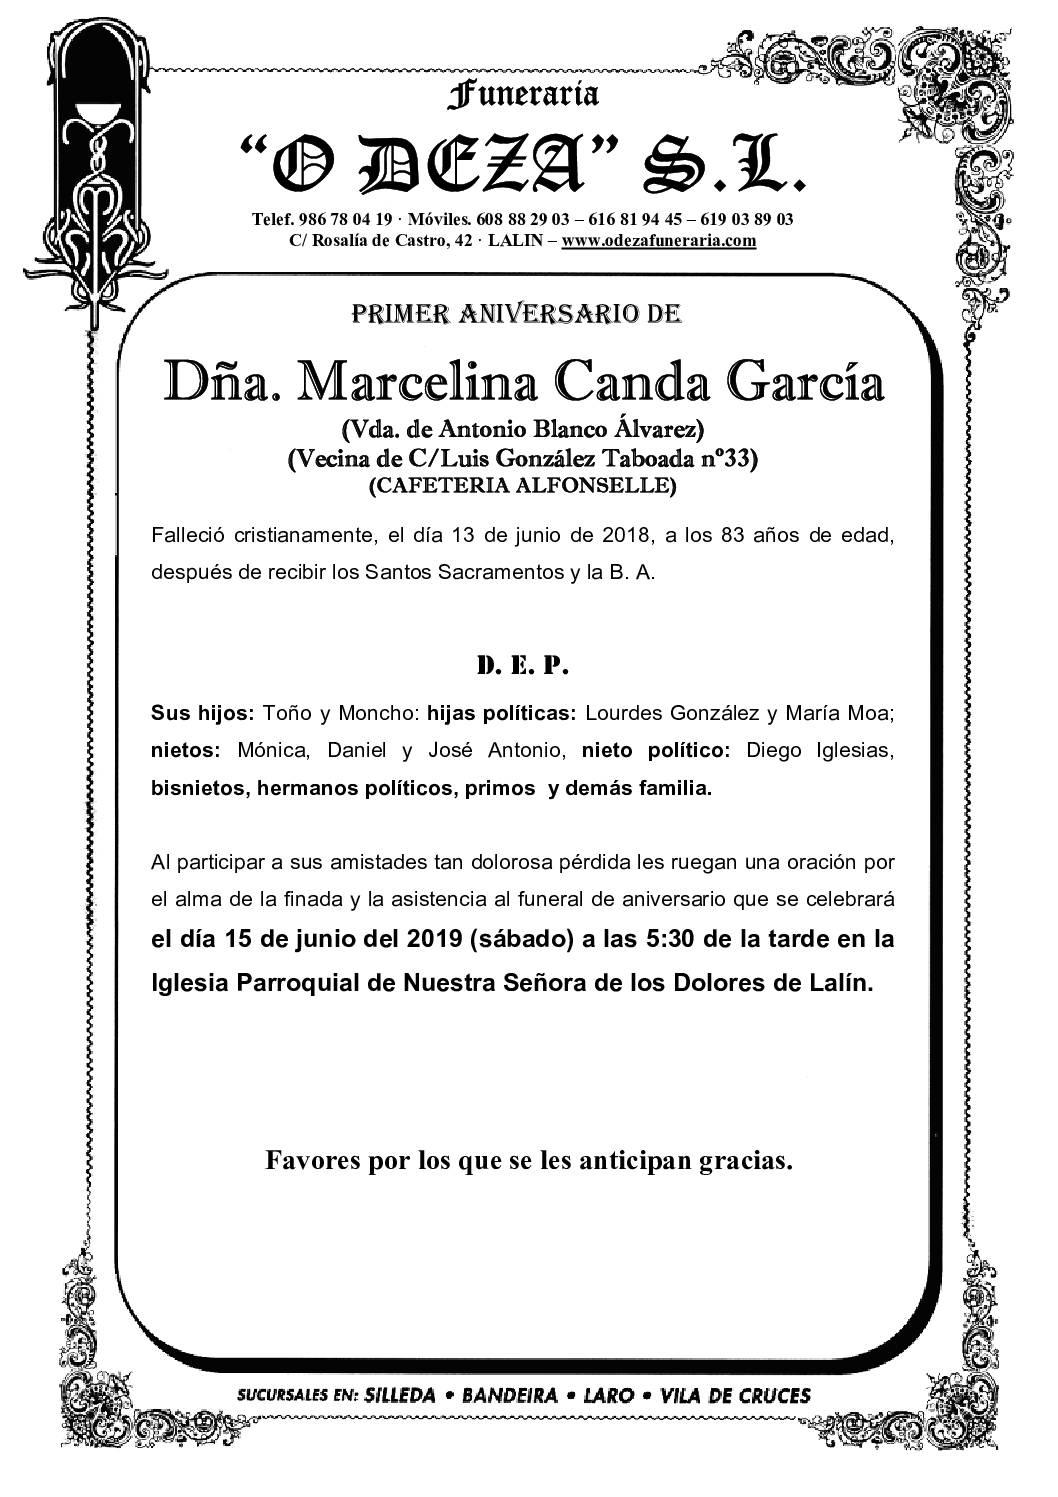 DÑA. MARCELINA CANDA GARCÍA